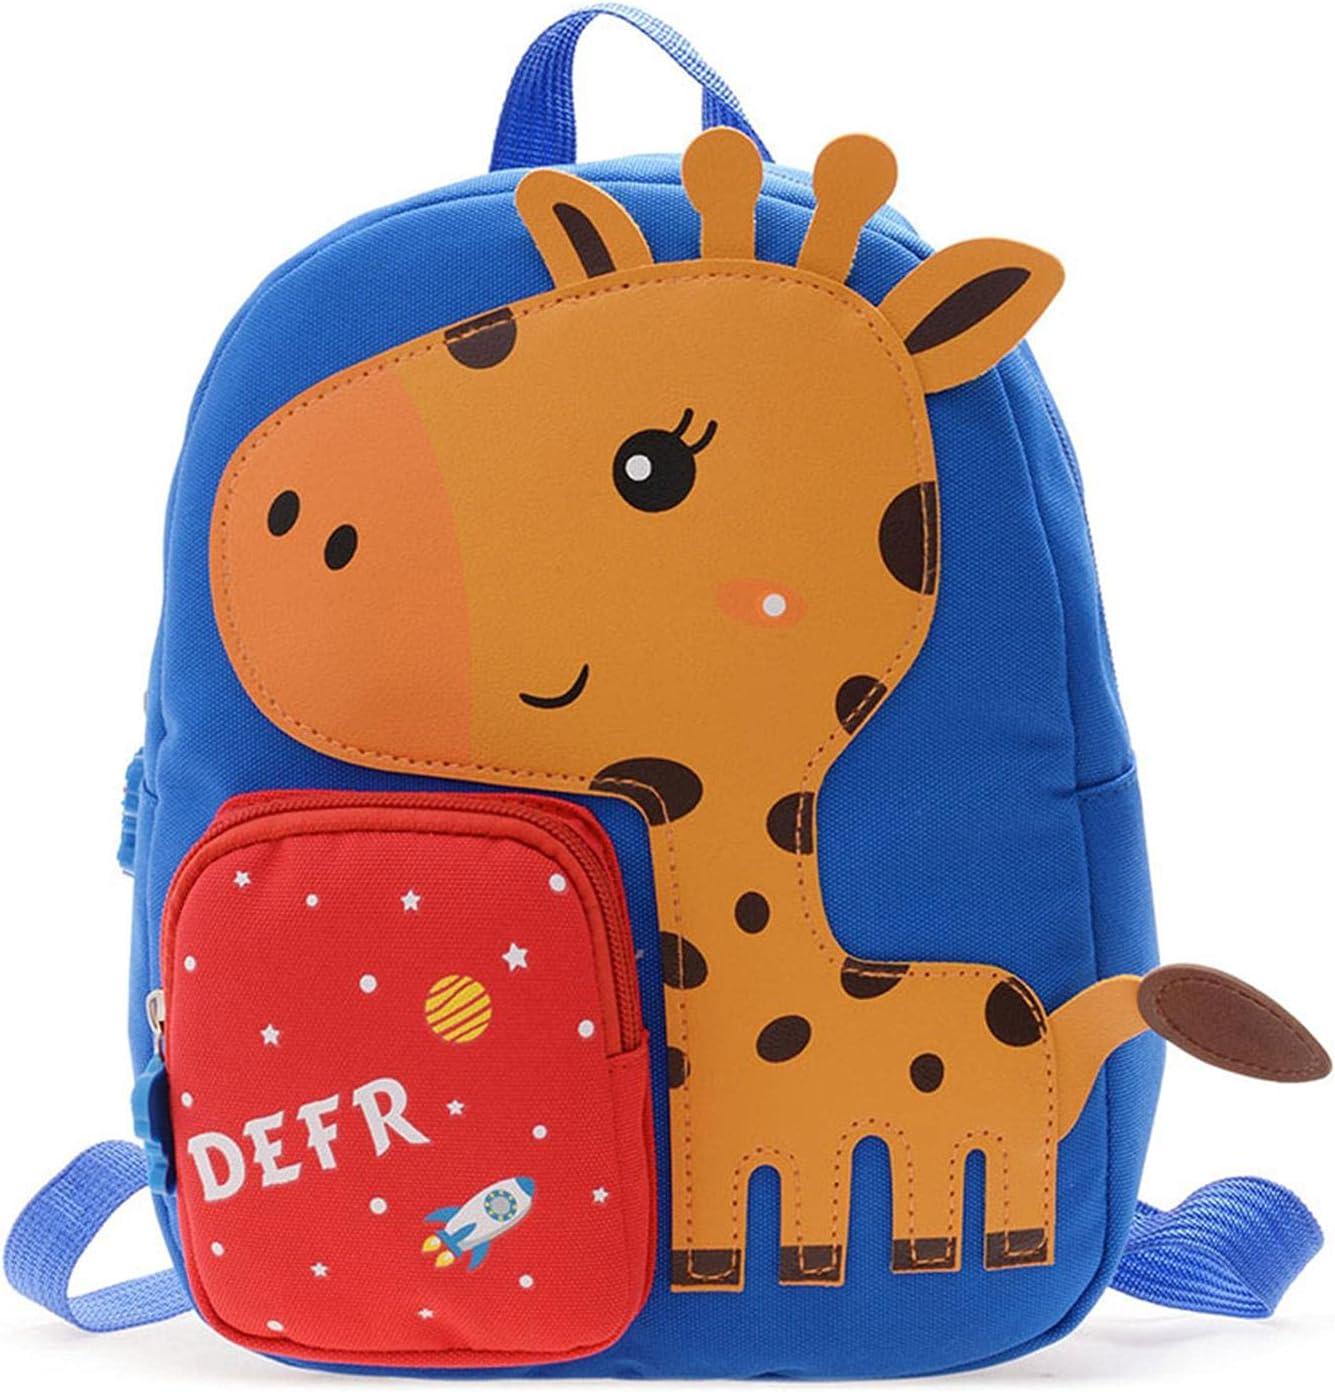 LOVOICE Mochila para niños y niñas, pequeña mochila para niños, guardería, mochila escolar, dibujos animados, prácticas bolsas para libros para niños, para preescolar